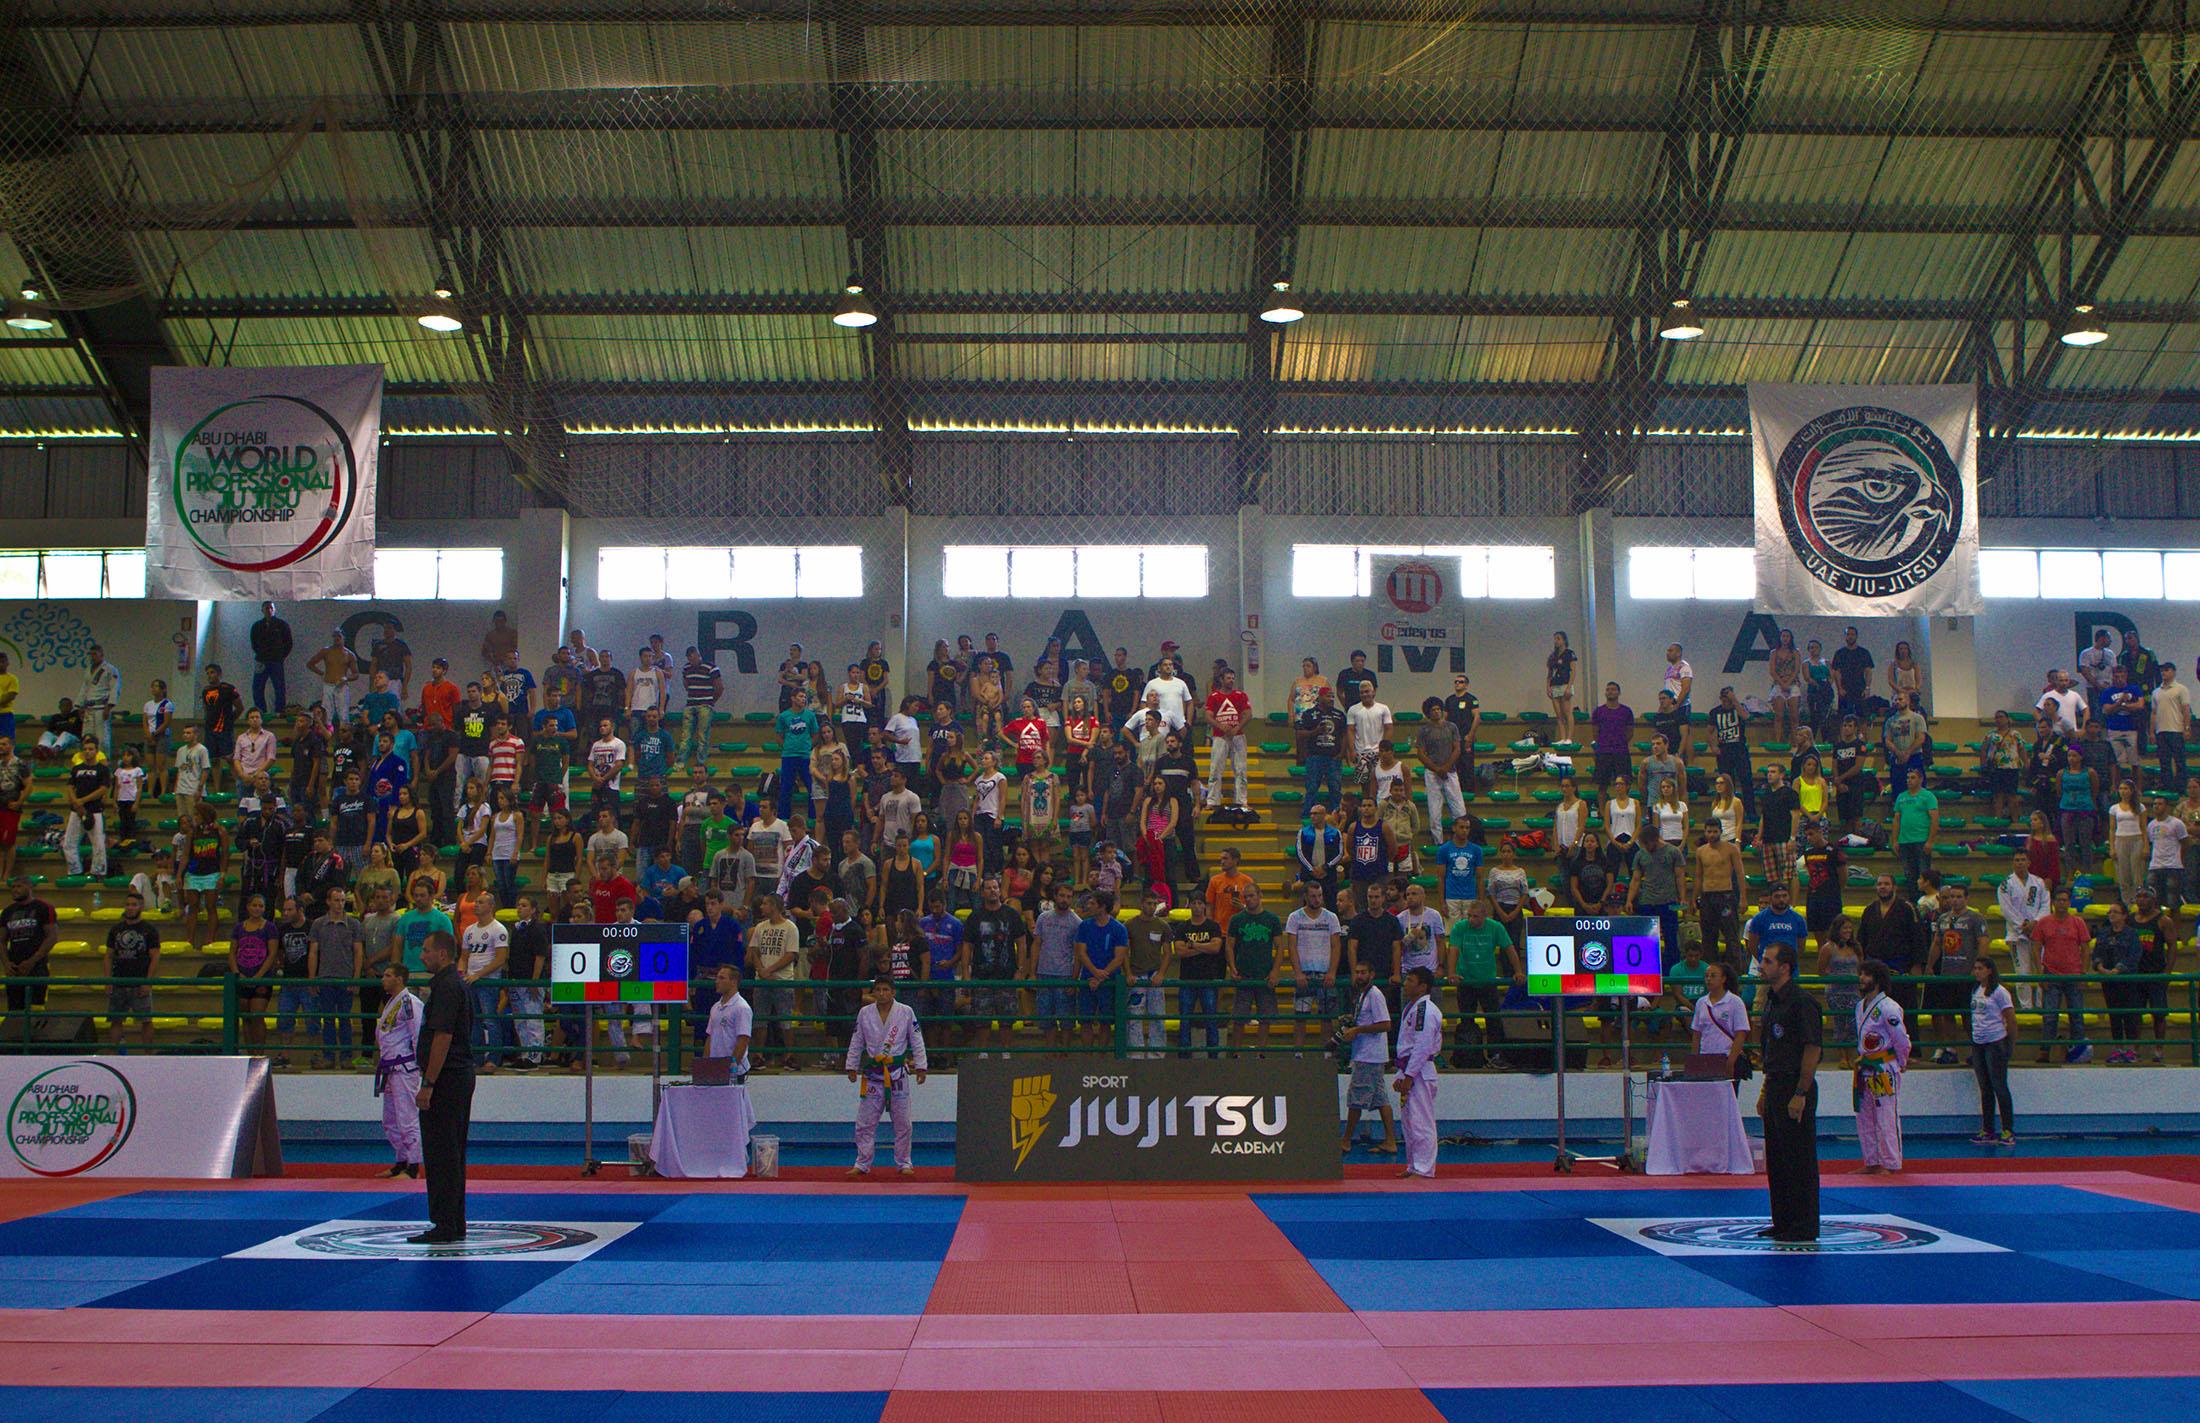 O Jiu-Jitsu promete agitar a cidade de Gramado, no sul do país. Foto: Marcelo Falavigna/Sport Jiu Jitsu Academy